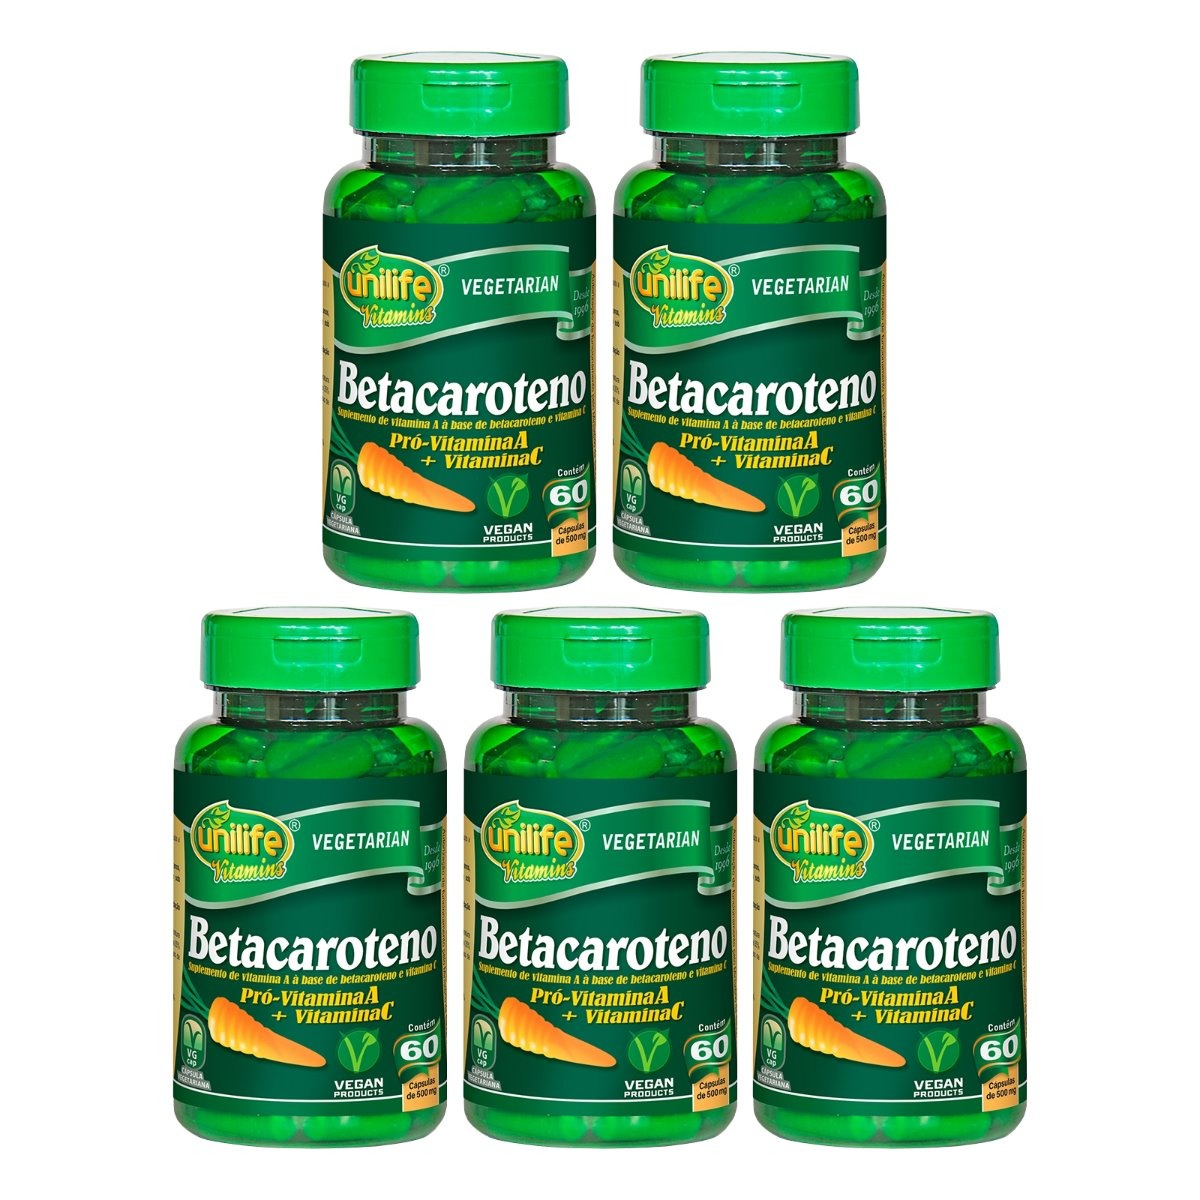 Betacaroteno 60 Cápsulas 500mg Unilife Kit 5 Unidades